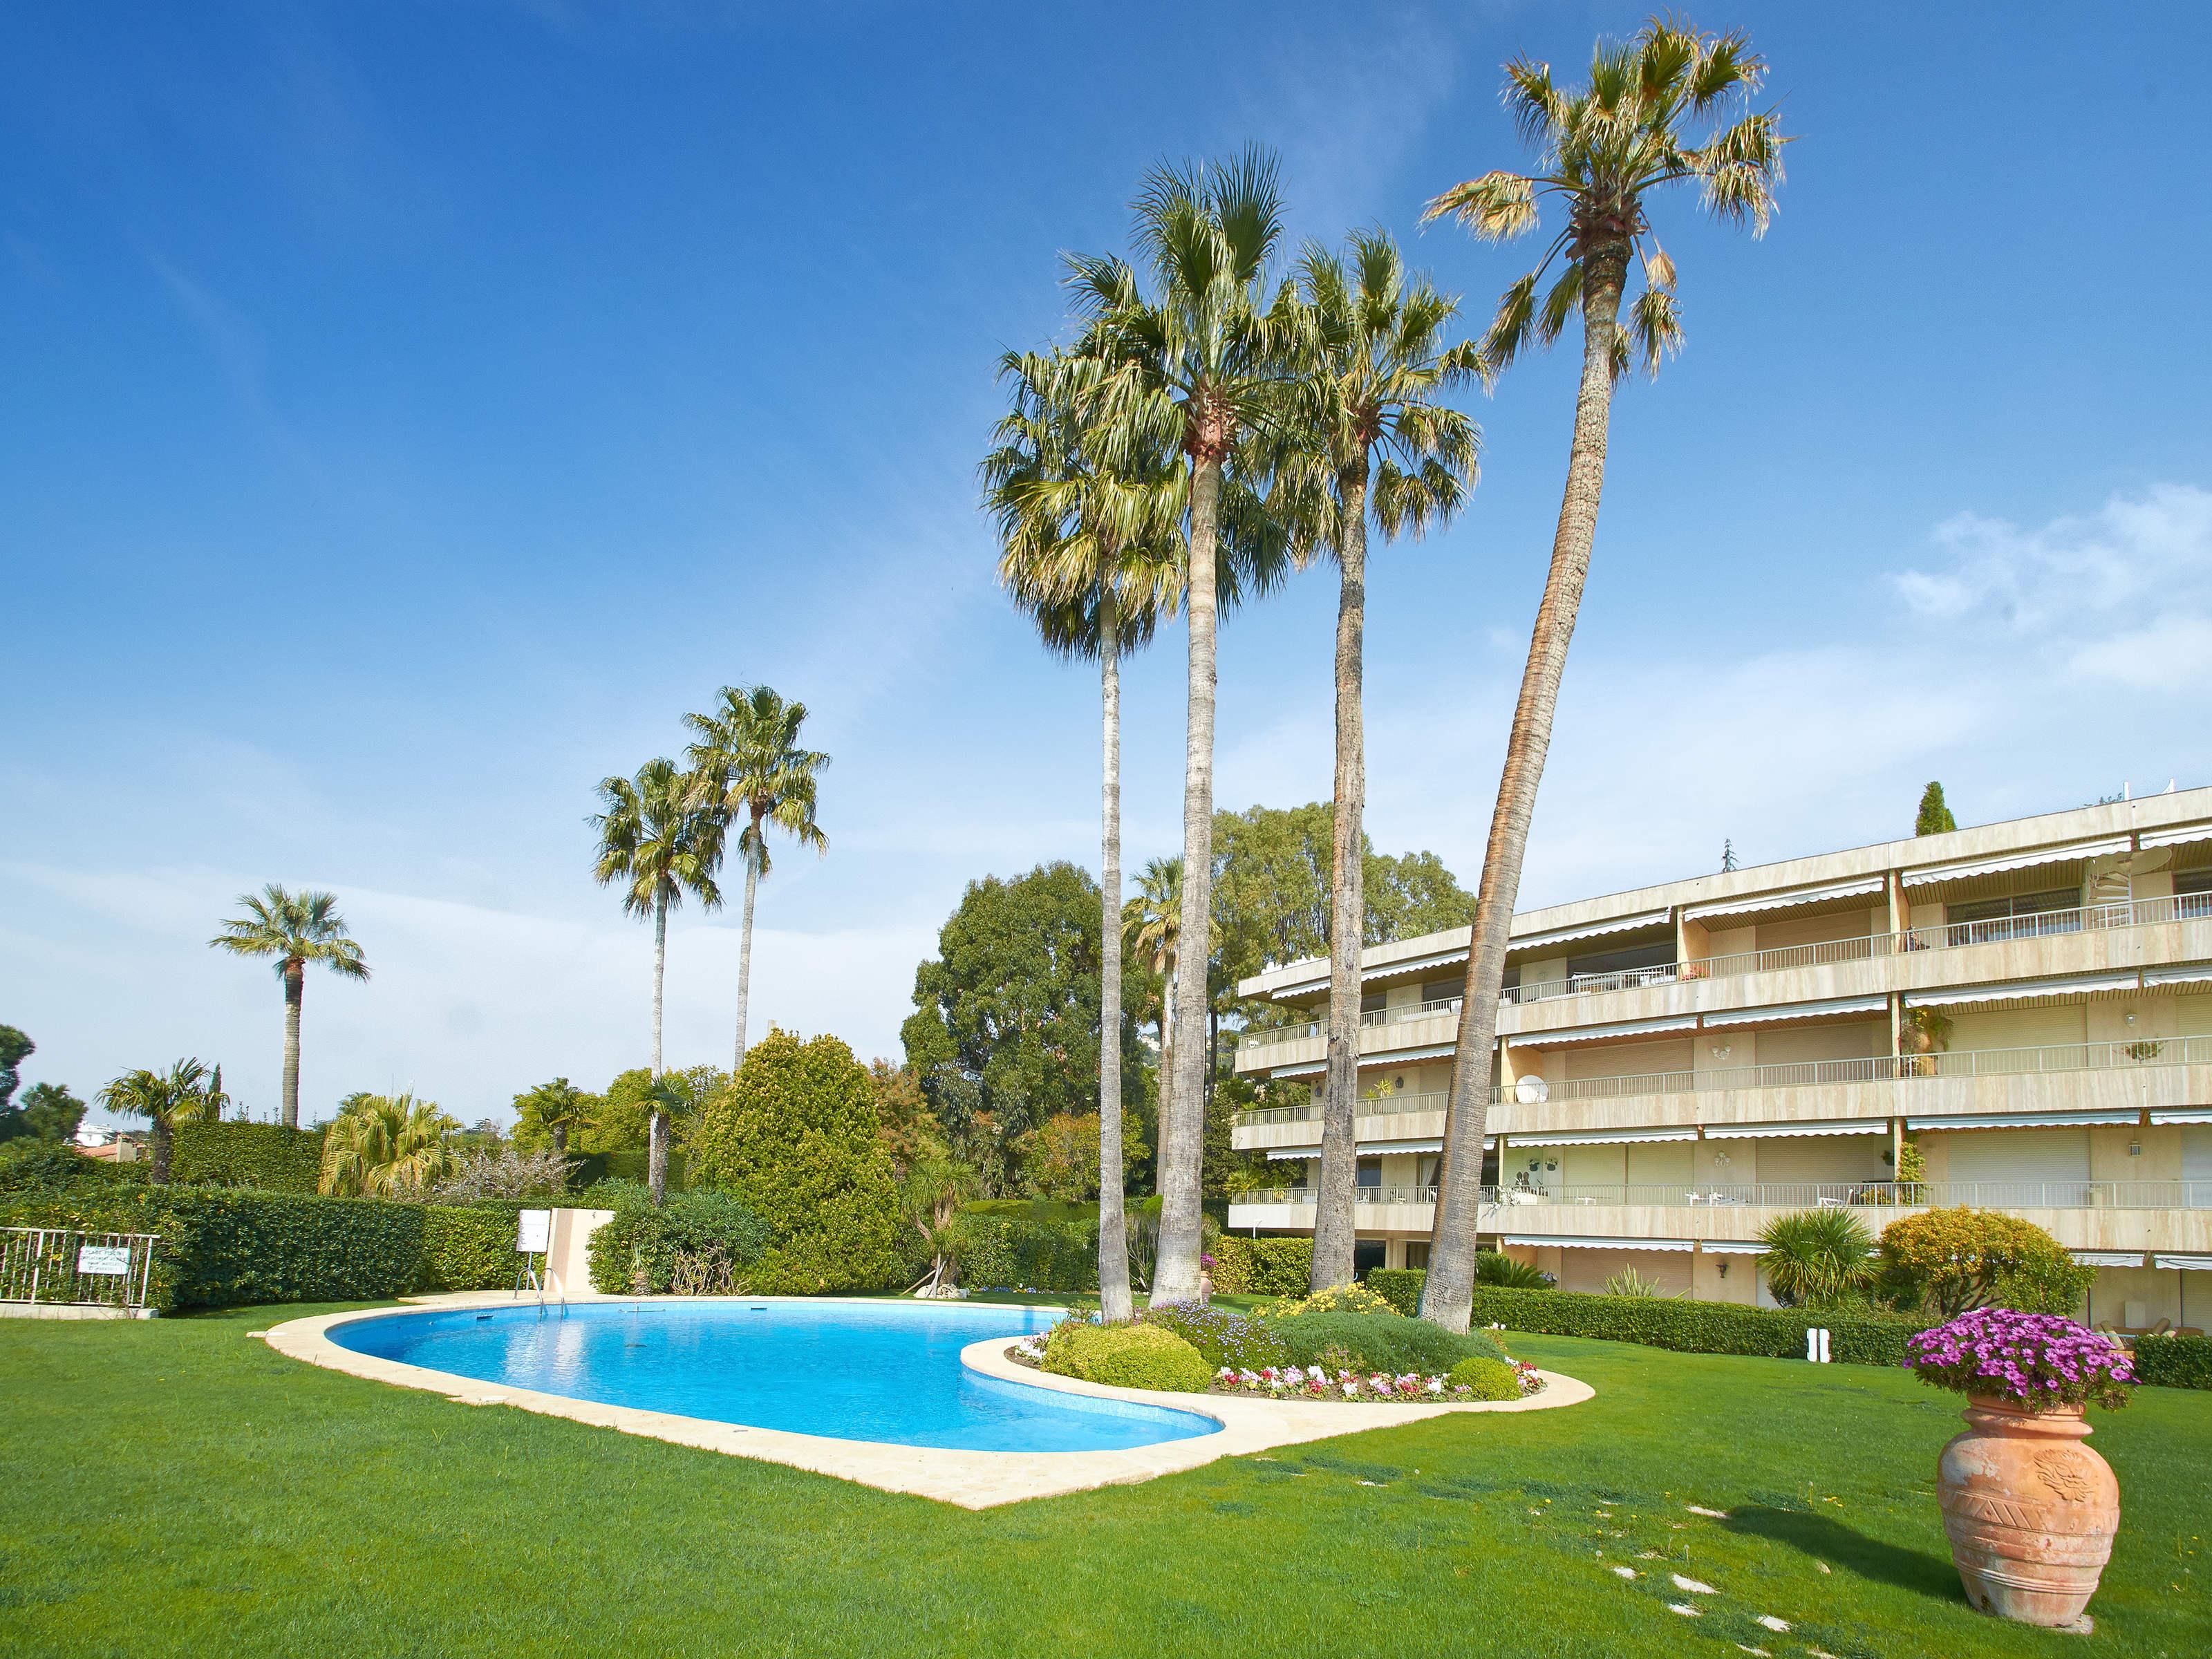 Casa Unifamiliar por un Venta en Luxurious 4 rooms apartment with sea view in Cannes Californie Cannes, Provincia - Alpes - Costa Azul 06400 Francia